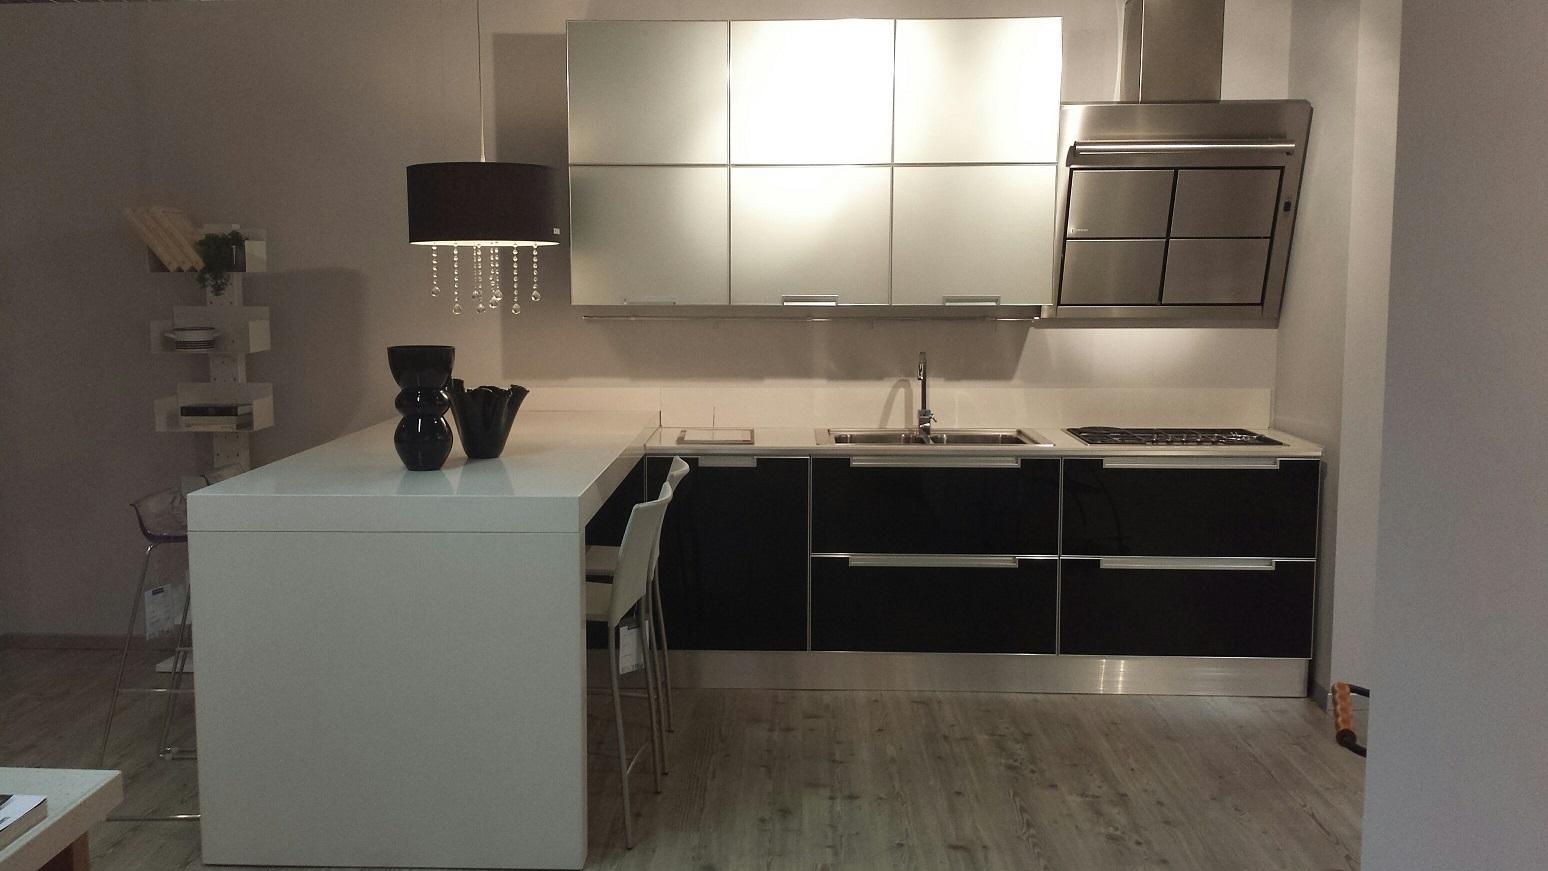 Cucina scavolini cucina crystal in vetro scavolini scontato del 47 cucine a prezzi scontati - Cucina crystal scavolini ...